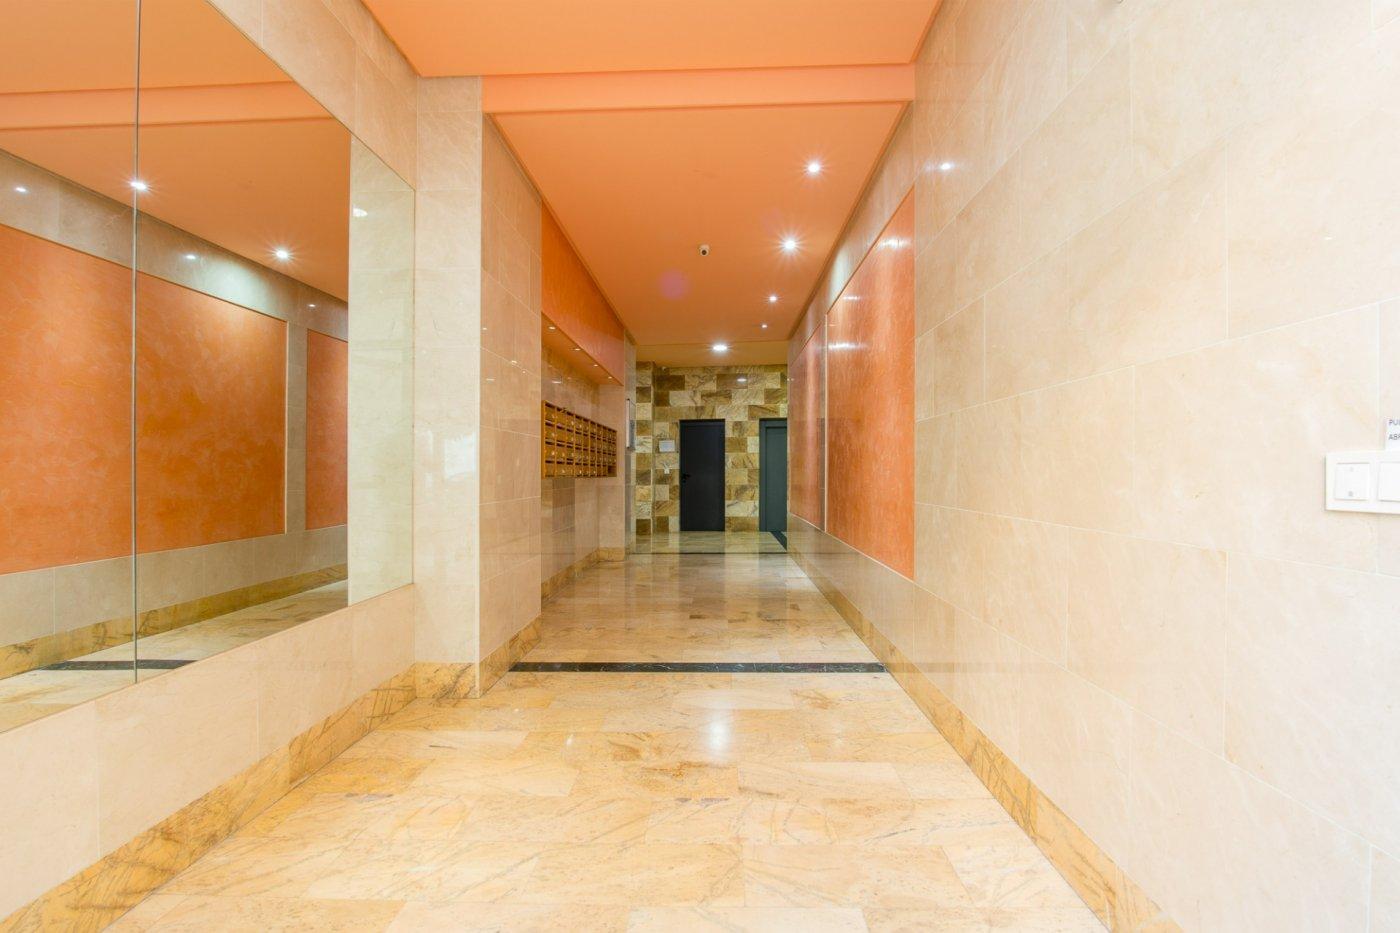 Magnífico piso en santiago el mayor - imagenInmueble29